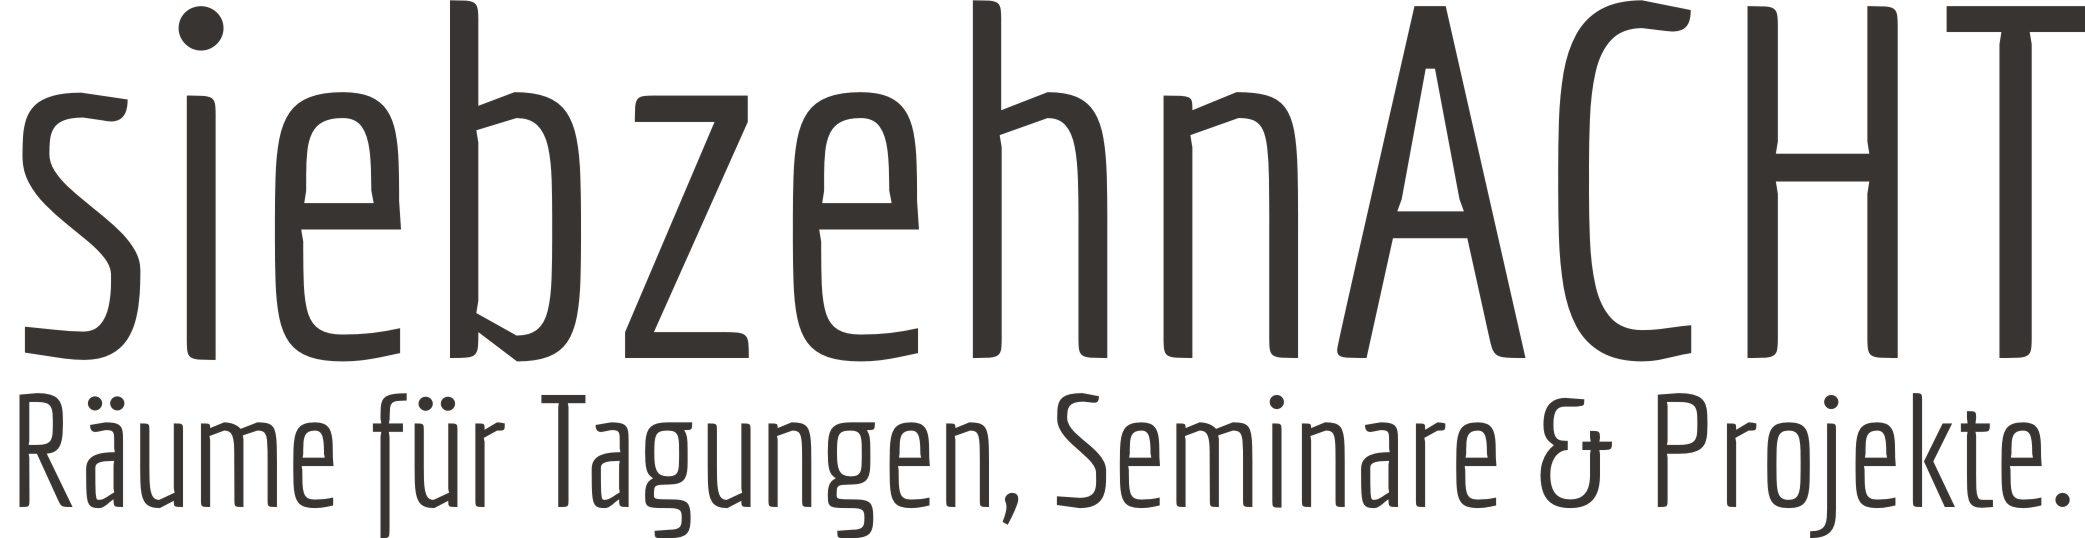 Räume für Tagungen, Seminare & Projekte in Neusäß bei Augsburg. Tagungsräume